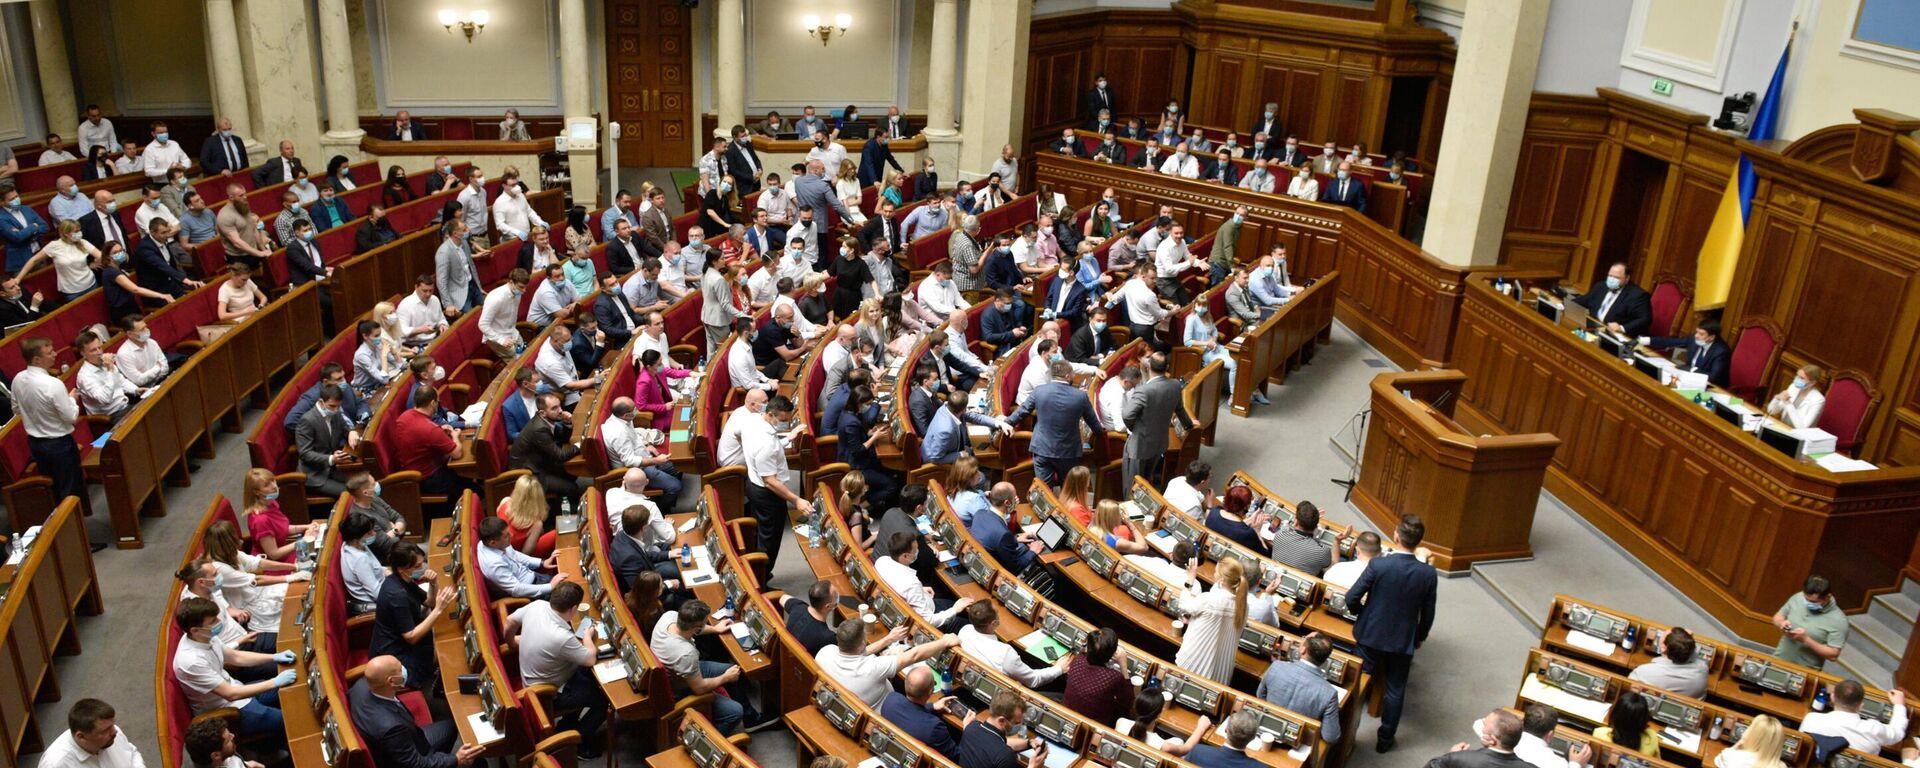 Заседание Верховной рады Украины - Sputnik Латвия, 1920, 29.09.2021